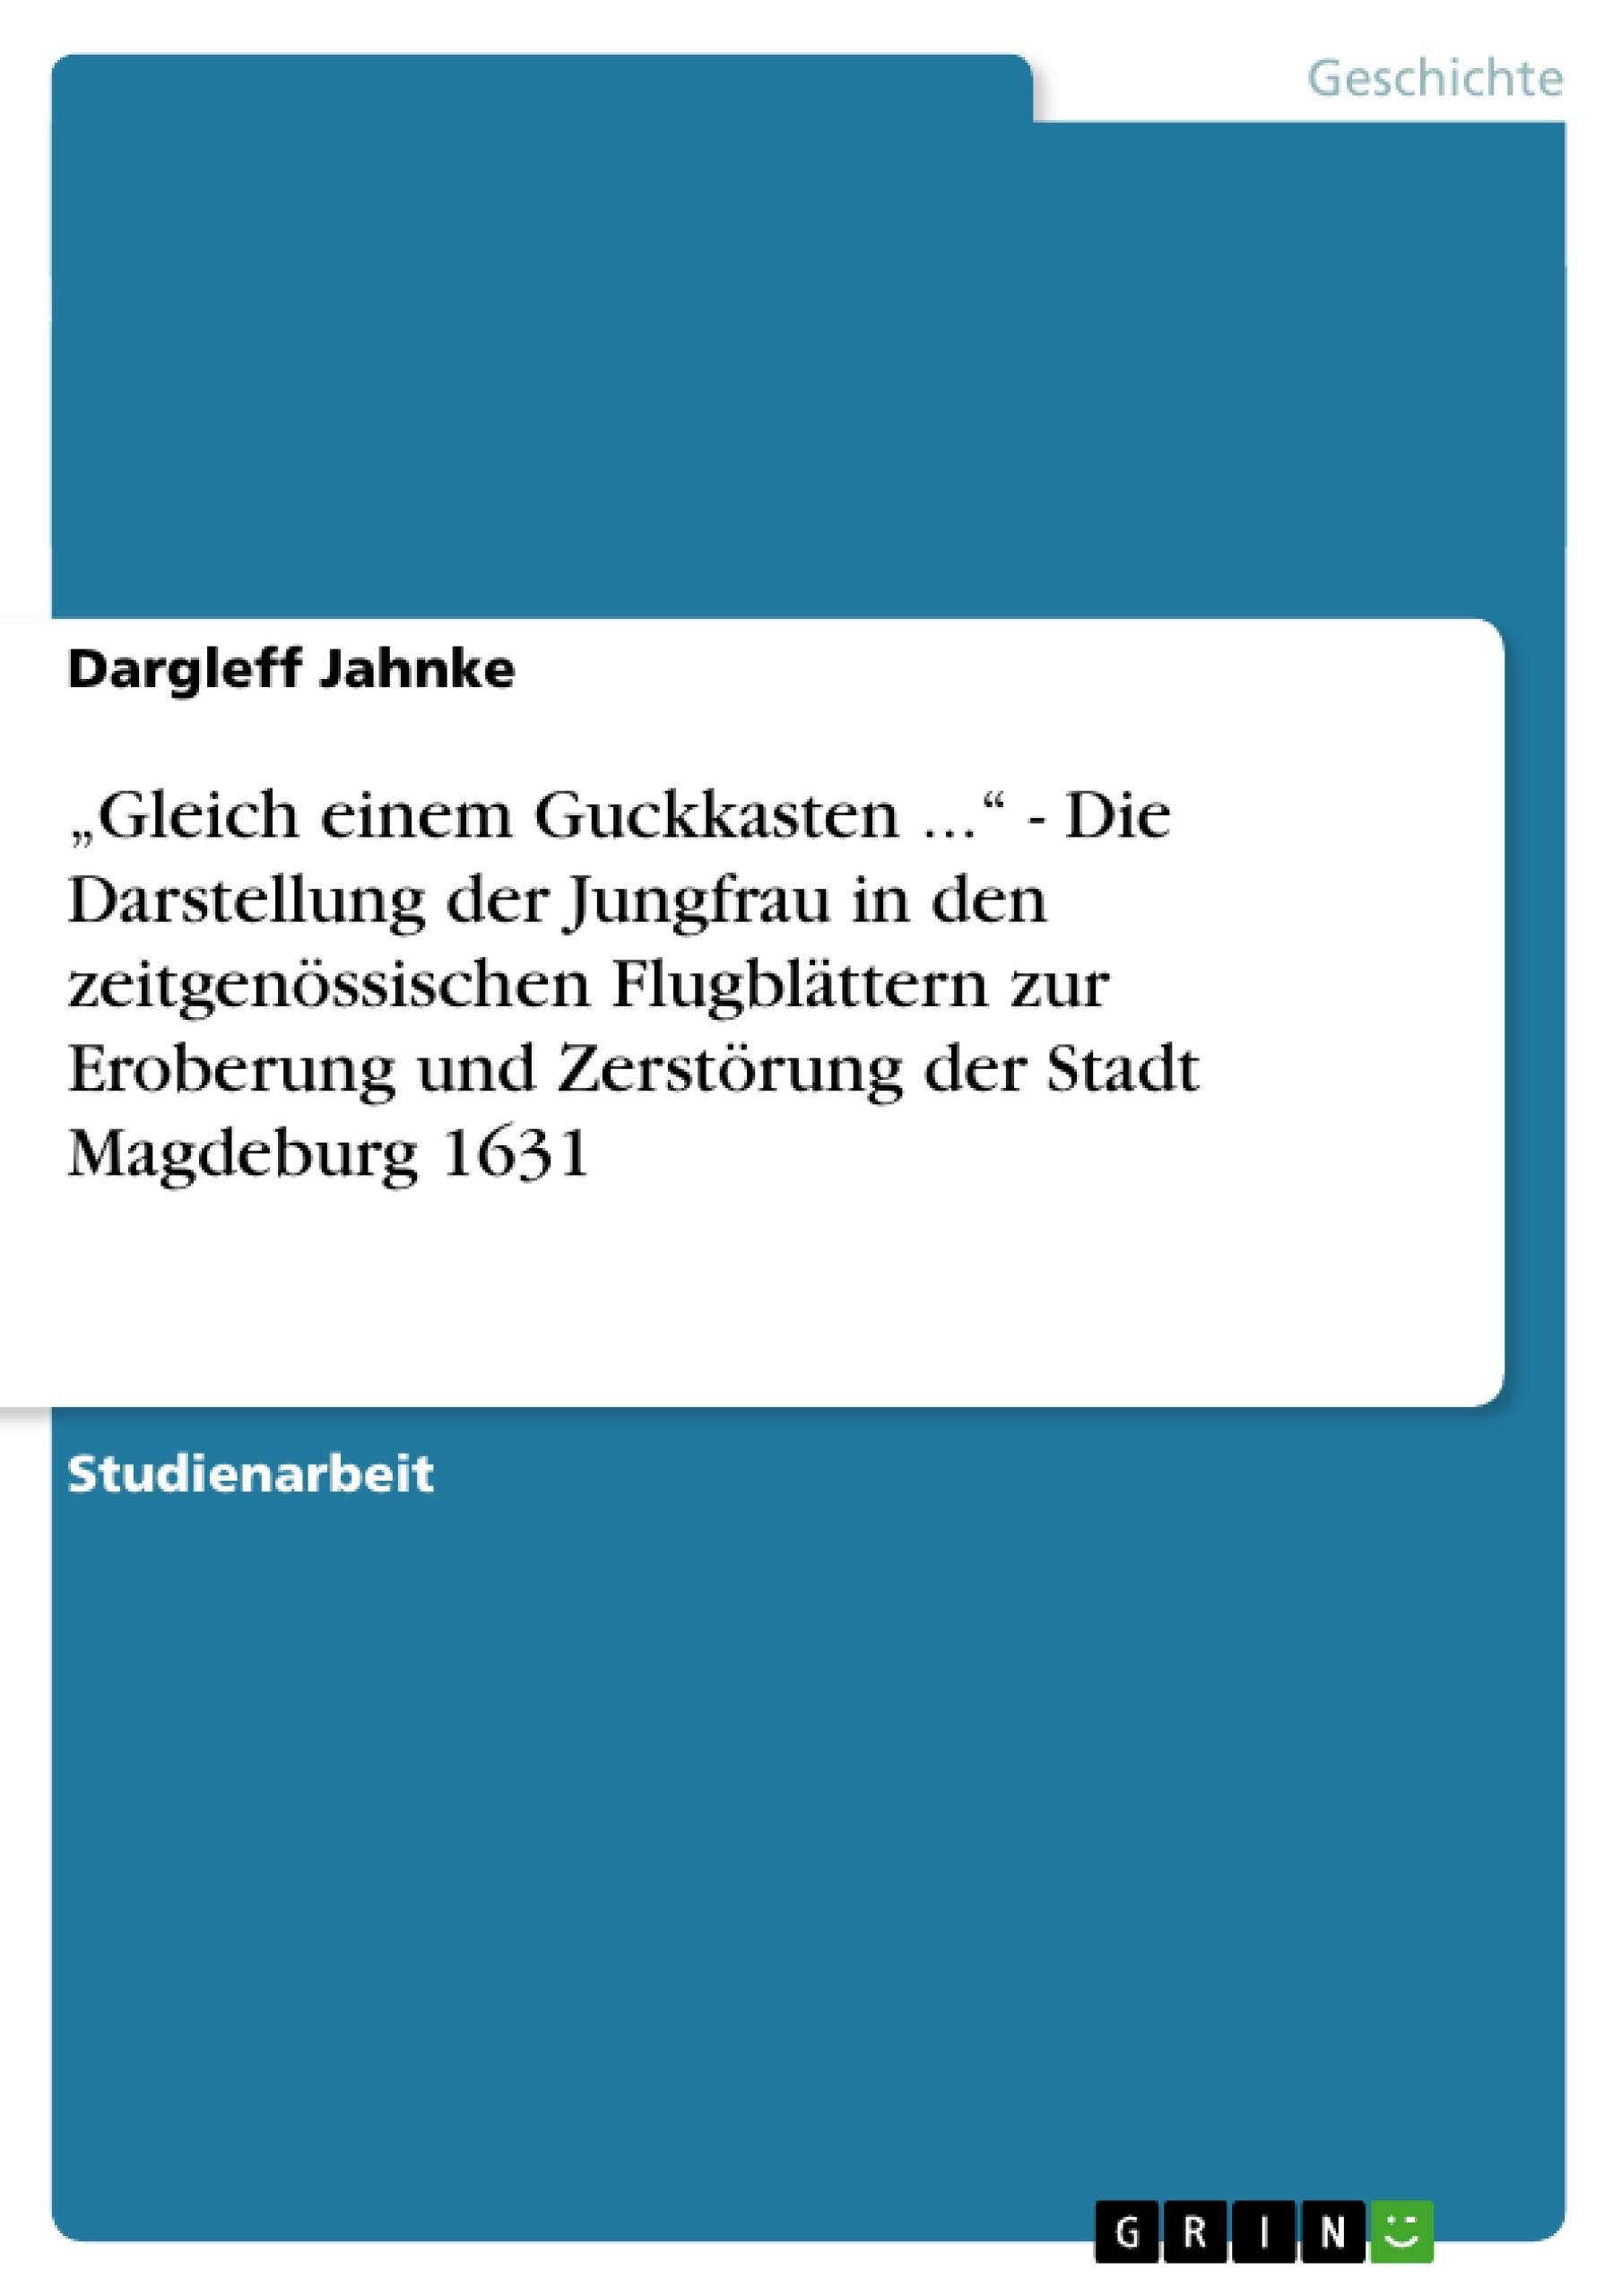 """Titel: """"Gleich einem Guckkasten ..."""" - Die Darstellung der Jungfrau in den zeitgenössischen Flugblättern zur Eroberung und Zerstörung der Stadt Magdeburg 1631"""